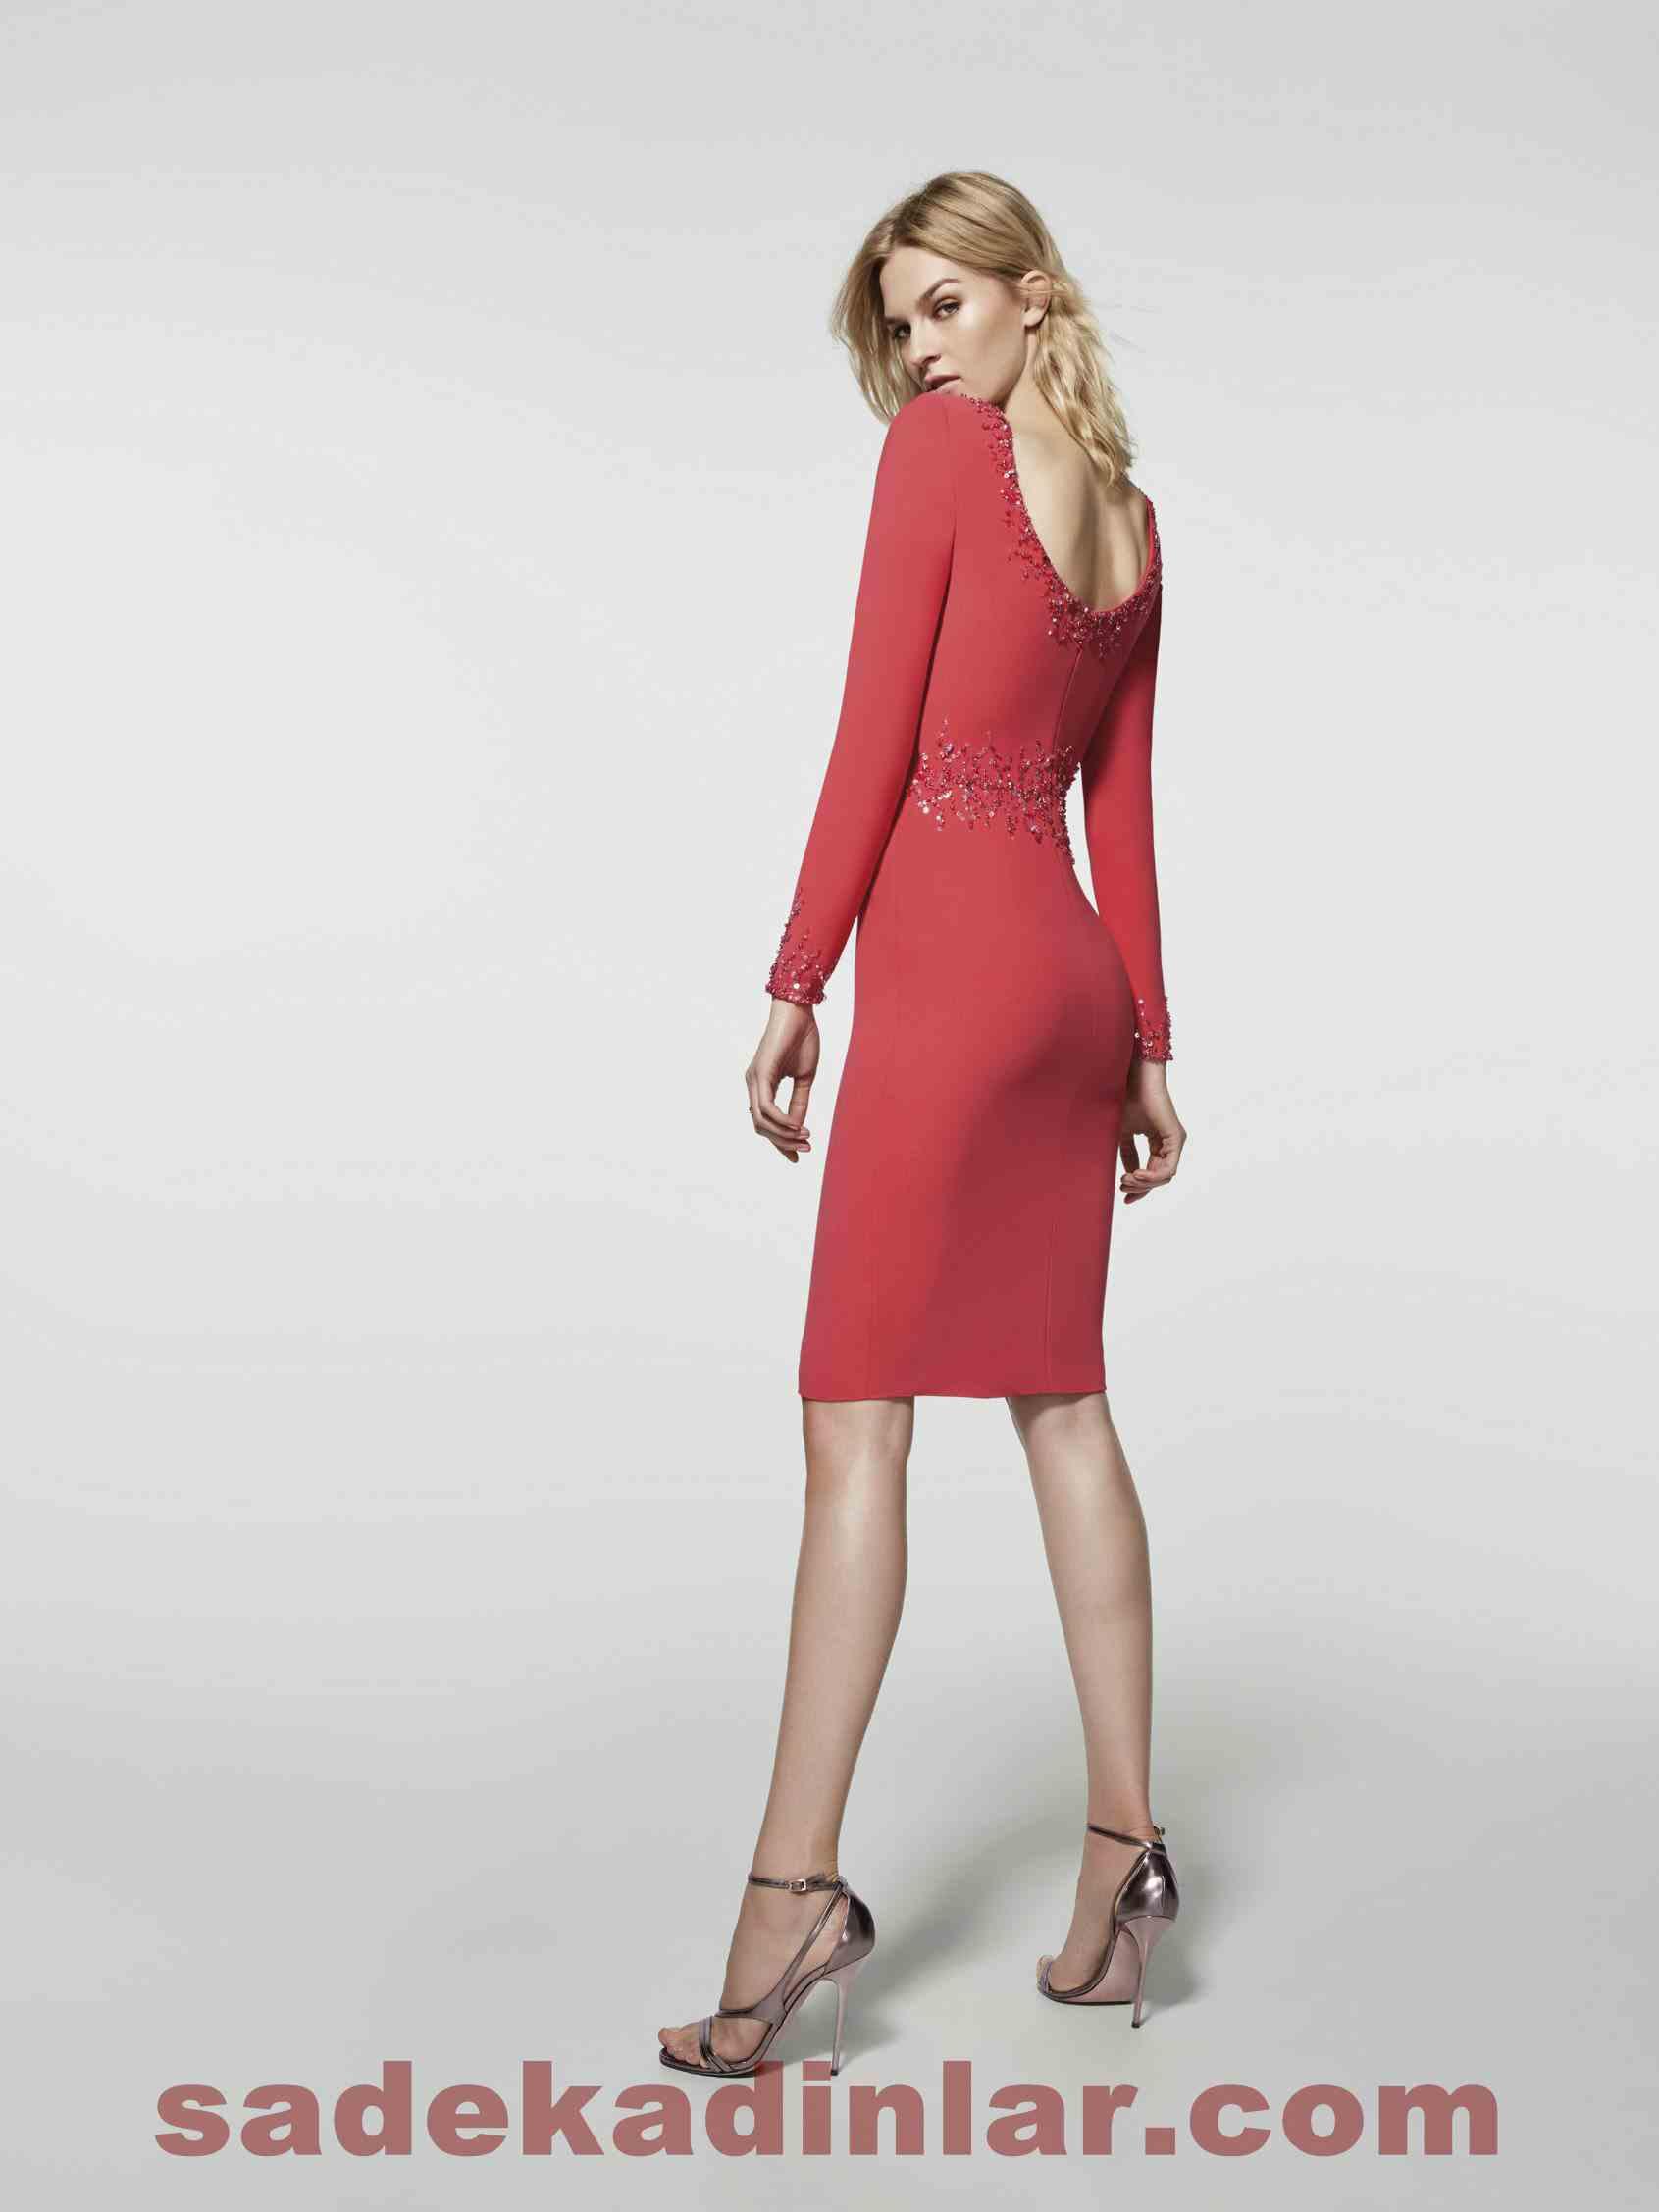 Özel Gün Elbise Tarzlarına Uygun Saç Modelleri